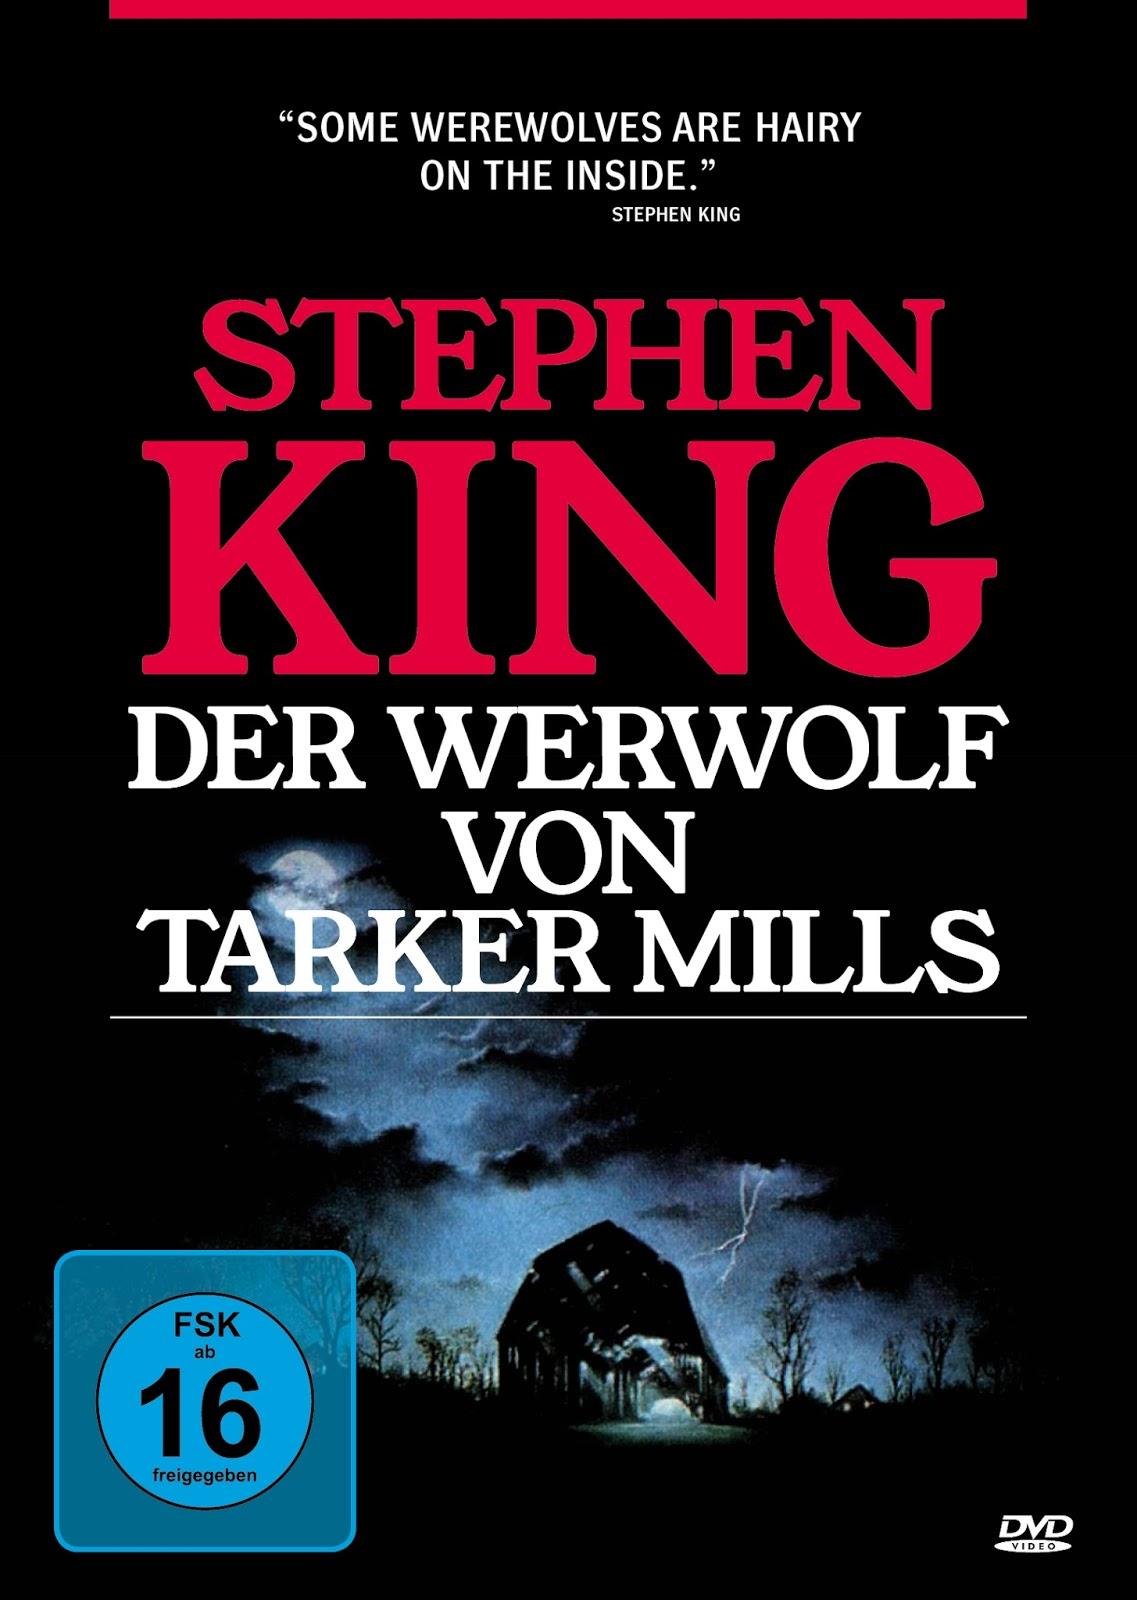 Der Werwolf von Tarker Mills (Filmkritik) | Die Seilerseite.